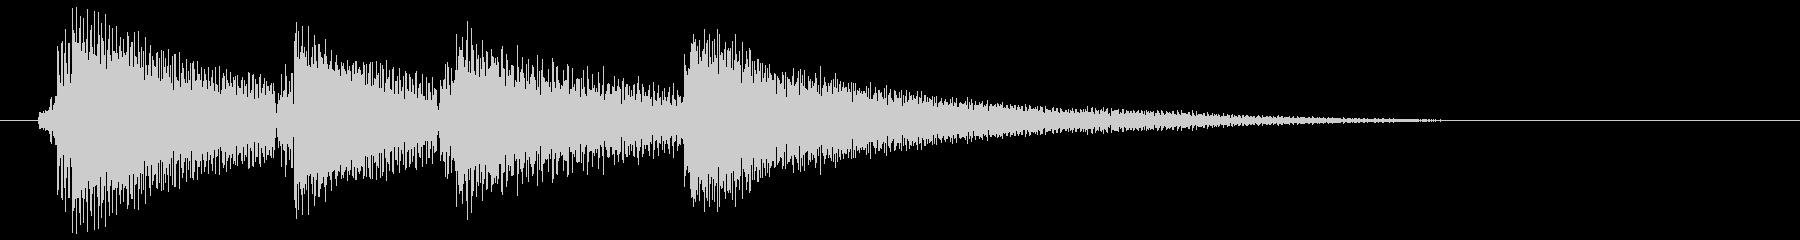 エレピのクールなジングルの未再生の波形